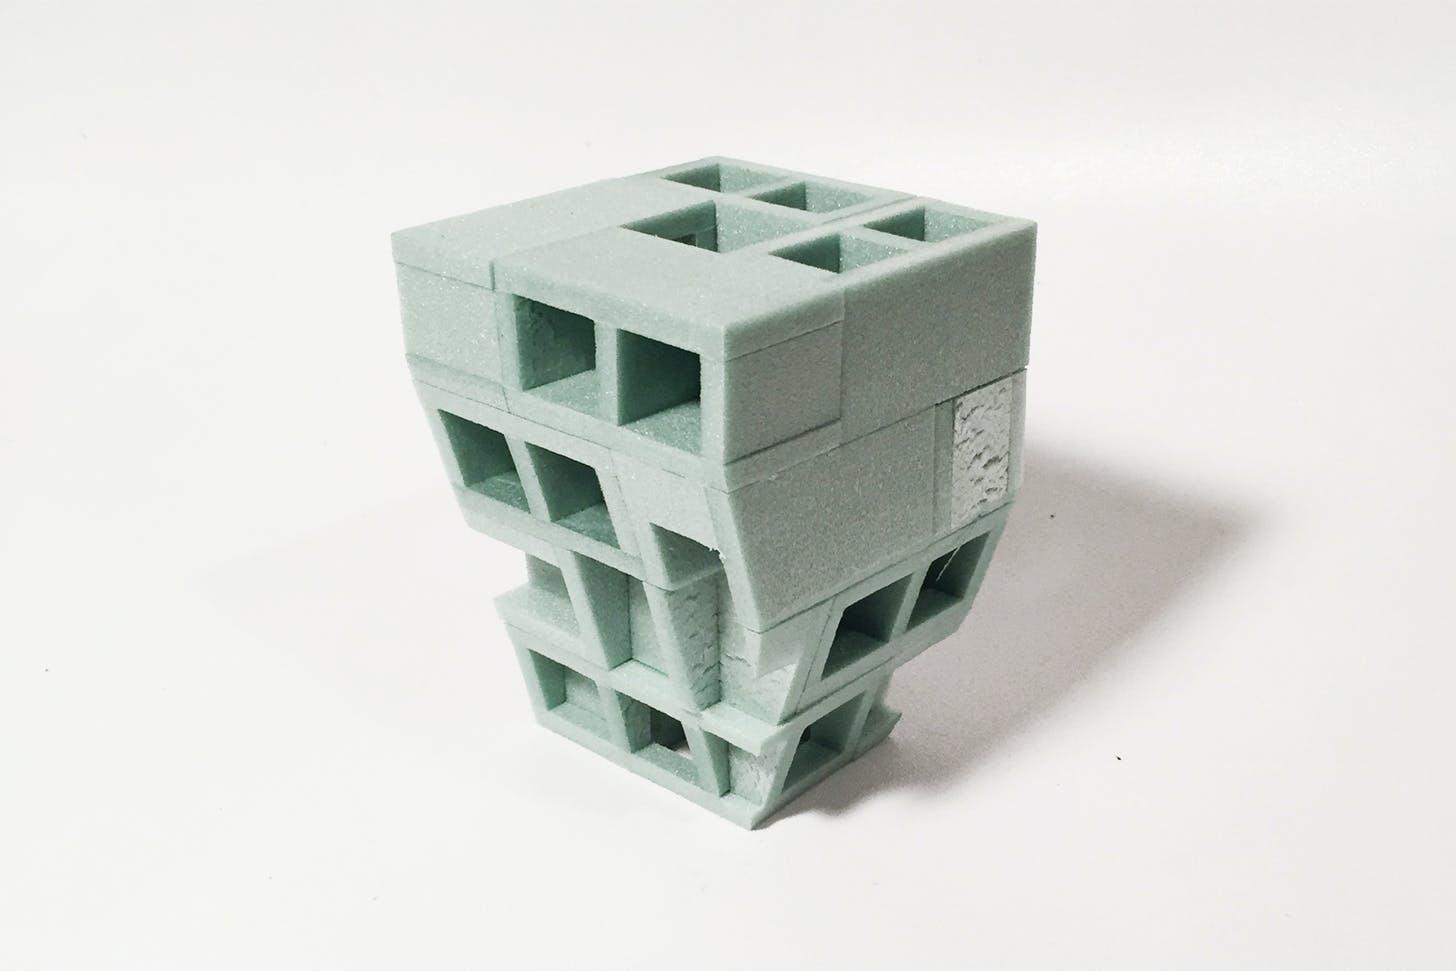 Housing Prototype Model, 2016